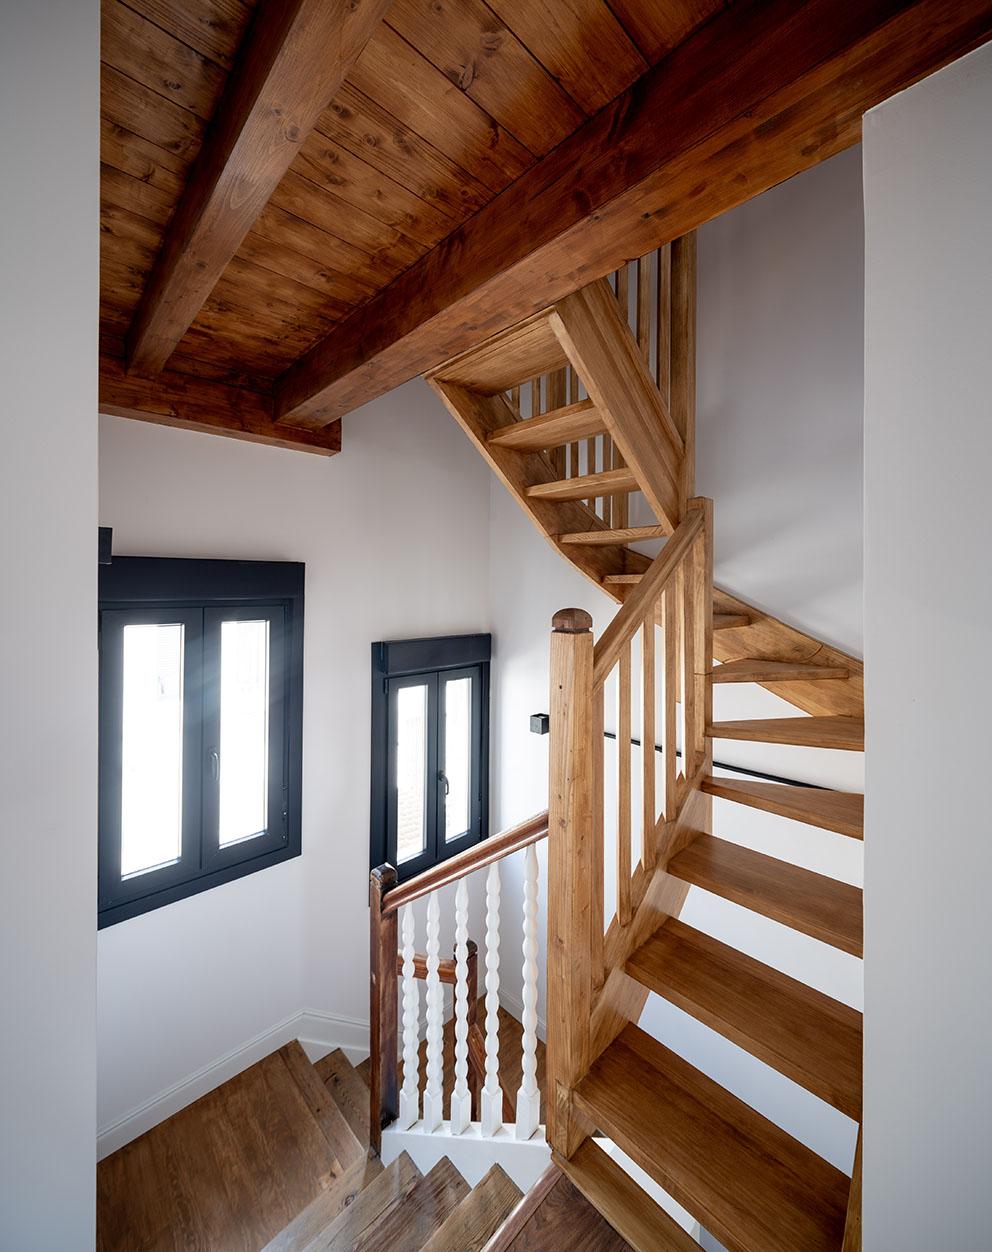 Image de escalera, Fotografía de arquitectura - Reportaje fotográfico de vivienda en Getxo